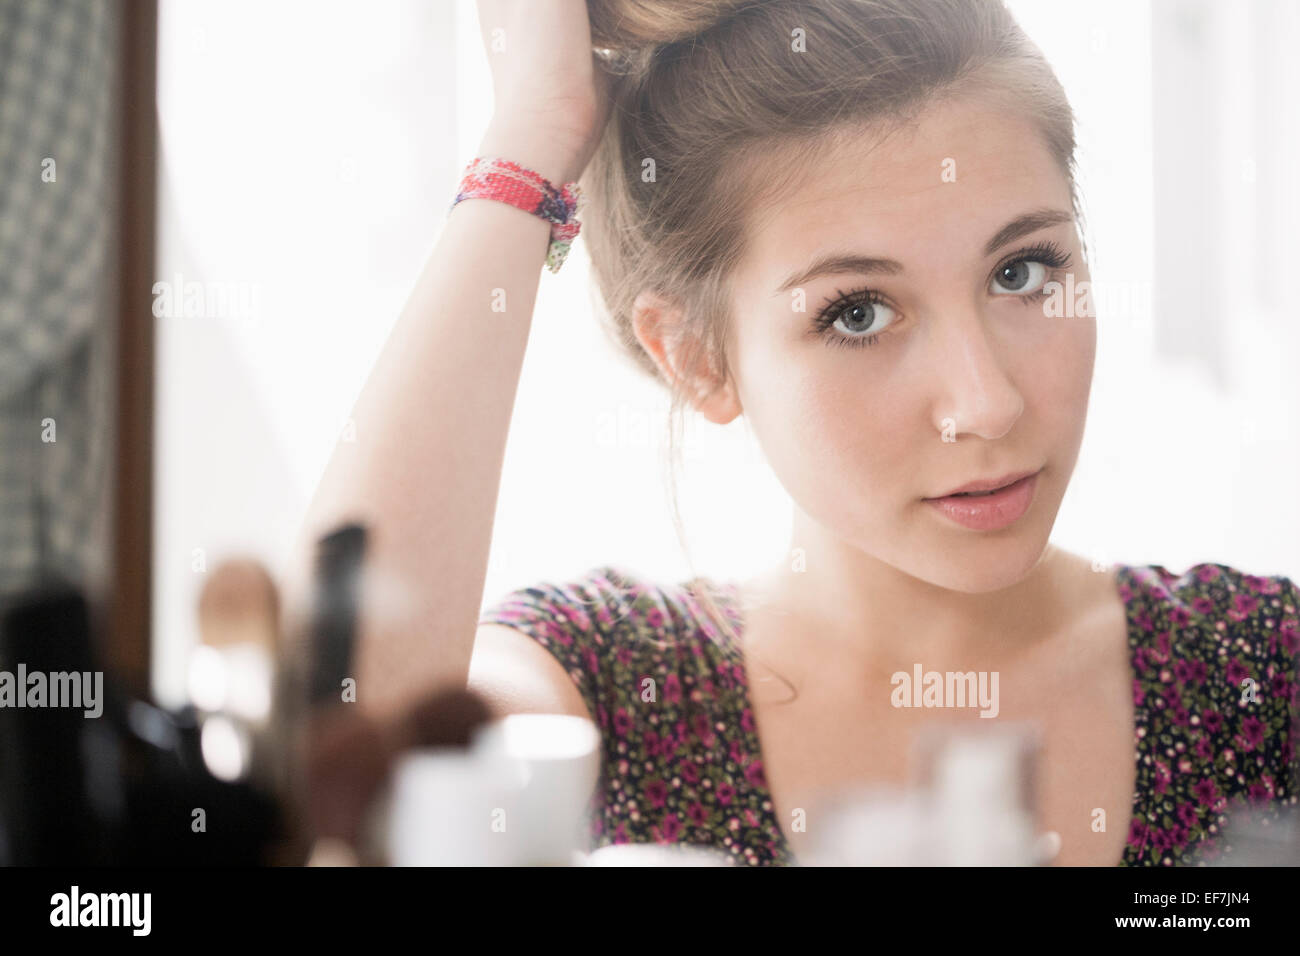 Teenager-Mädchen Blick auf Spiegel Stockbild